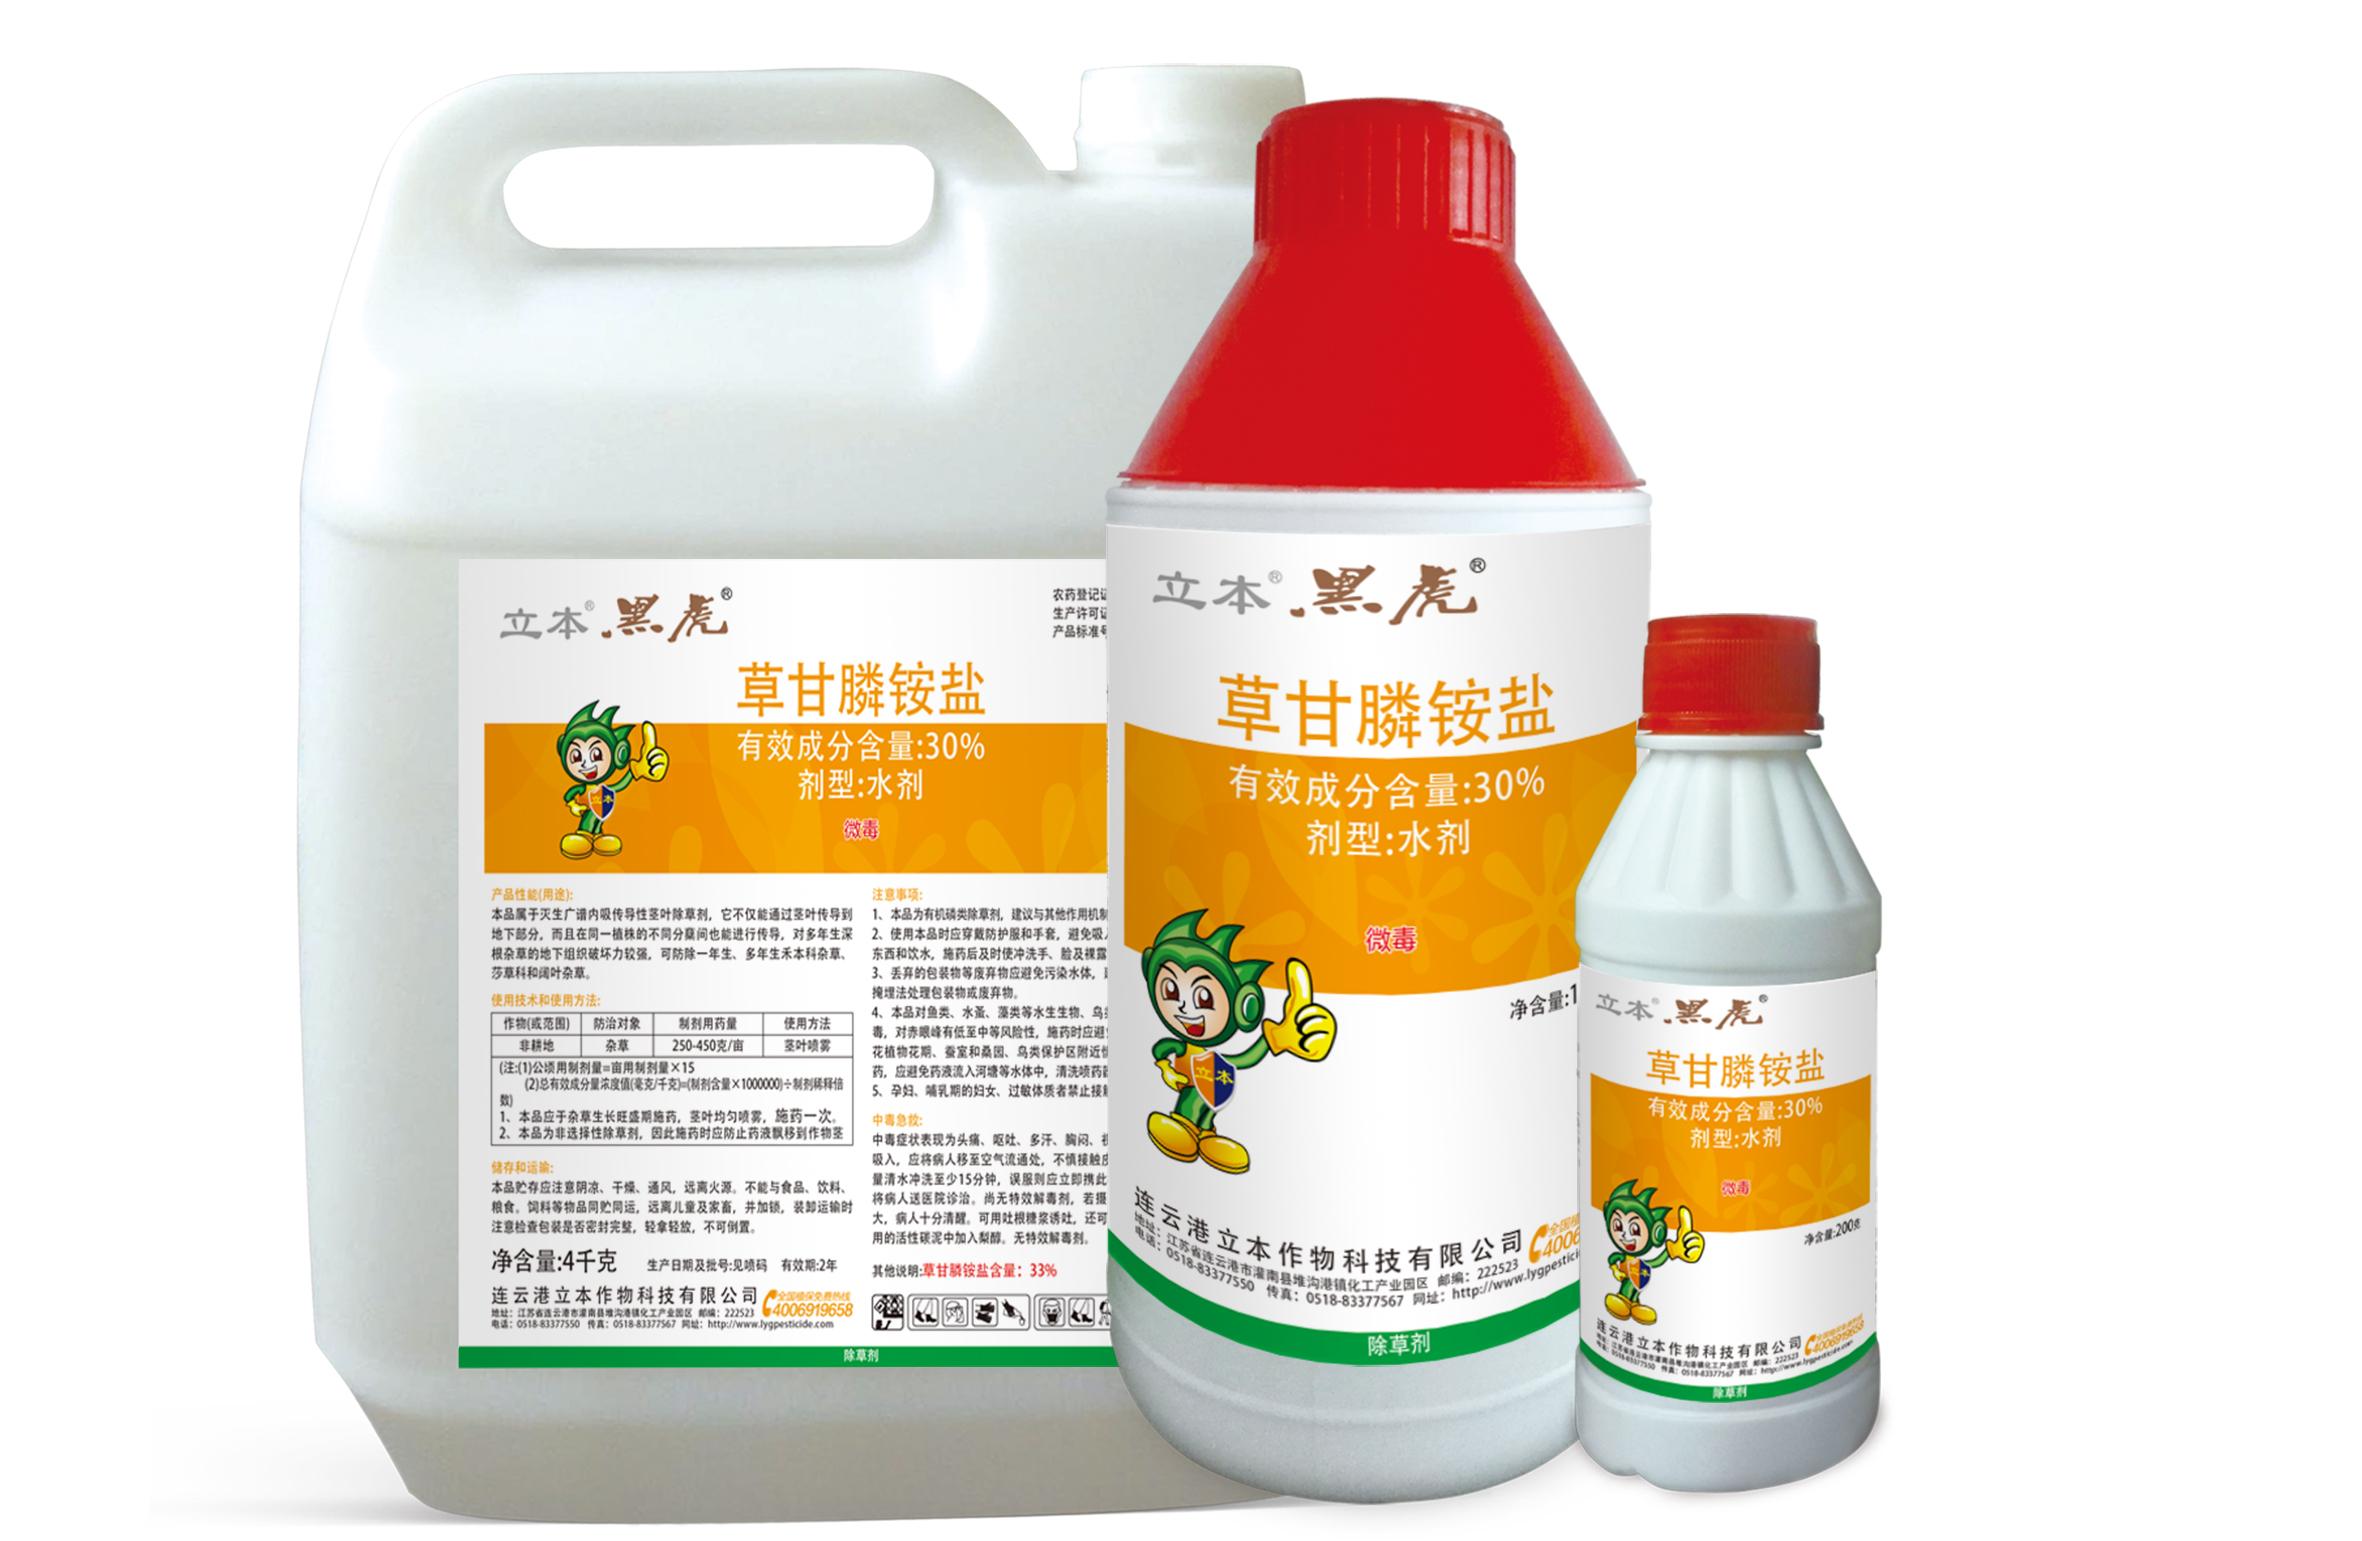 草甘膦銨鹽(33%)水劑